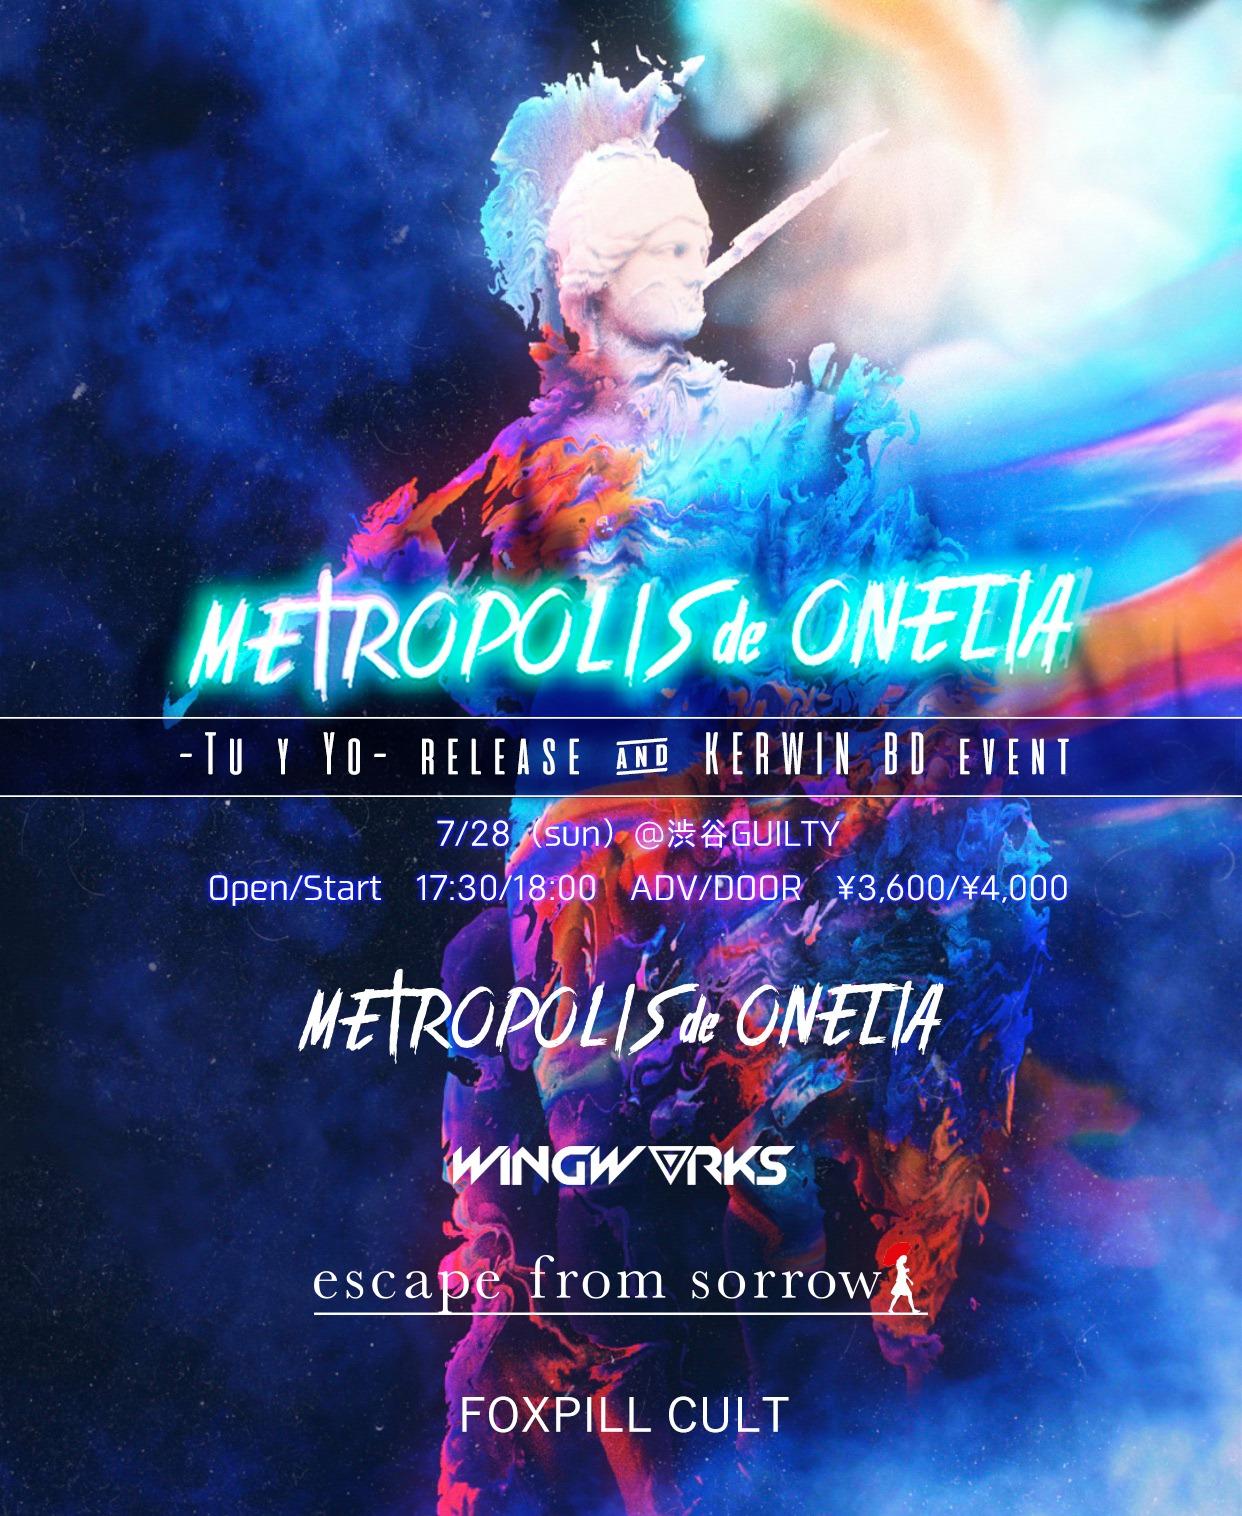 METROPOLIS de ONELIA  -Tu y Yo- release & KERWIN BD event